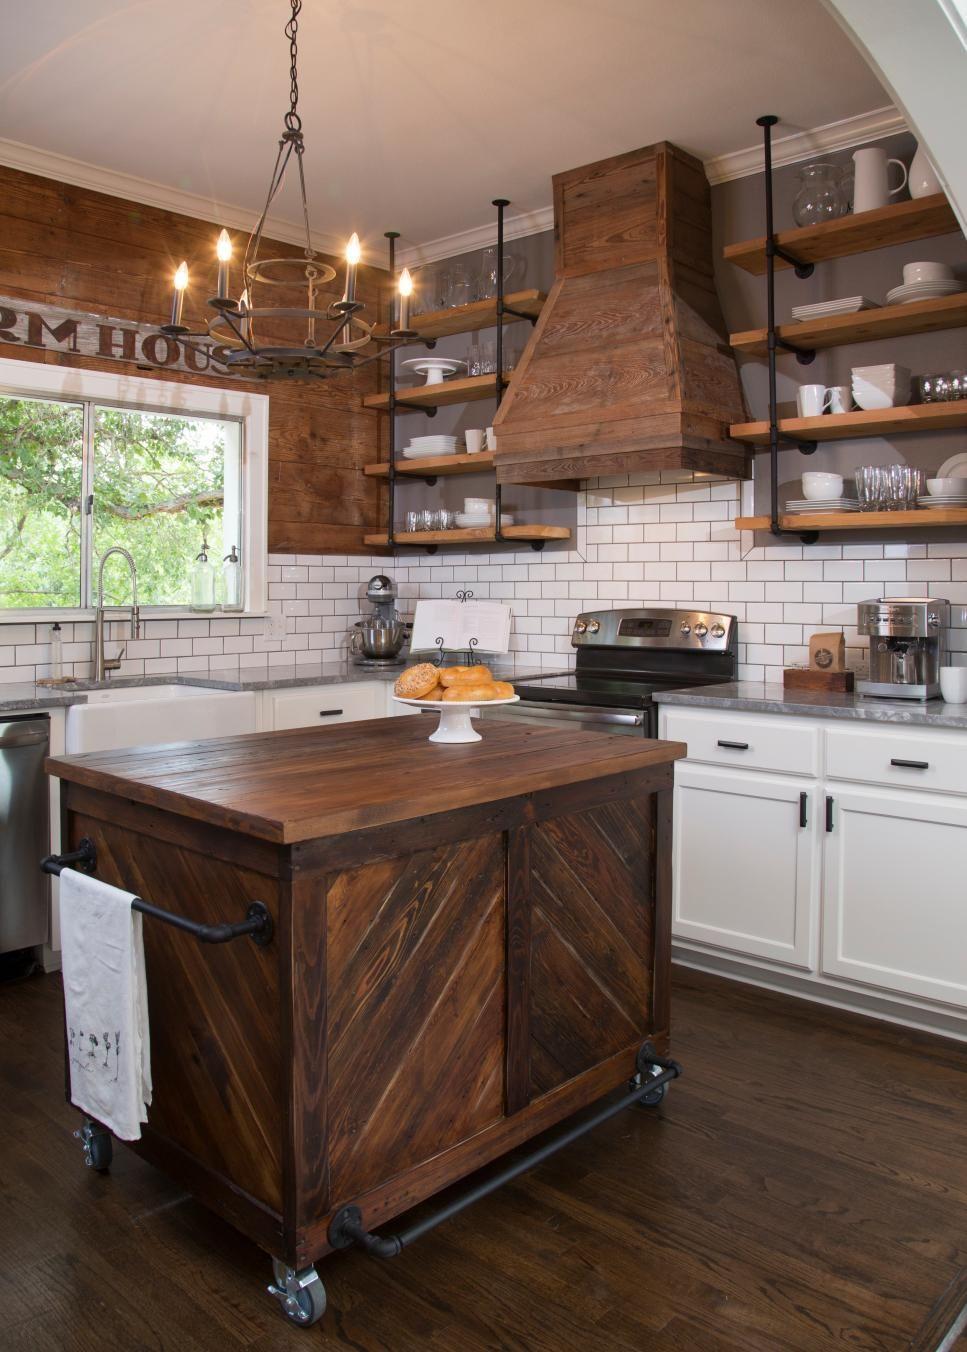 Clint Harp\'s Furniture Designs From Fixer Upper | Cucine e Cucina